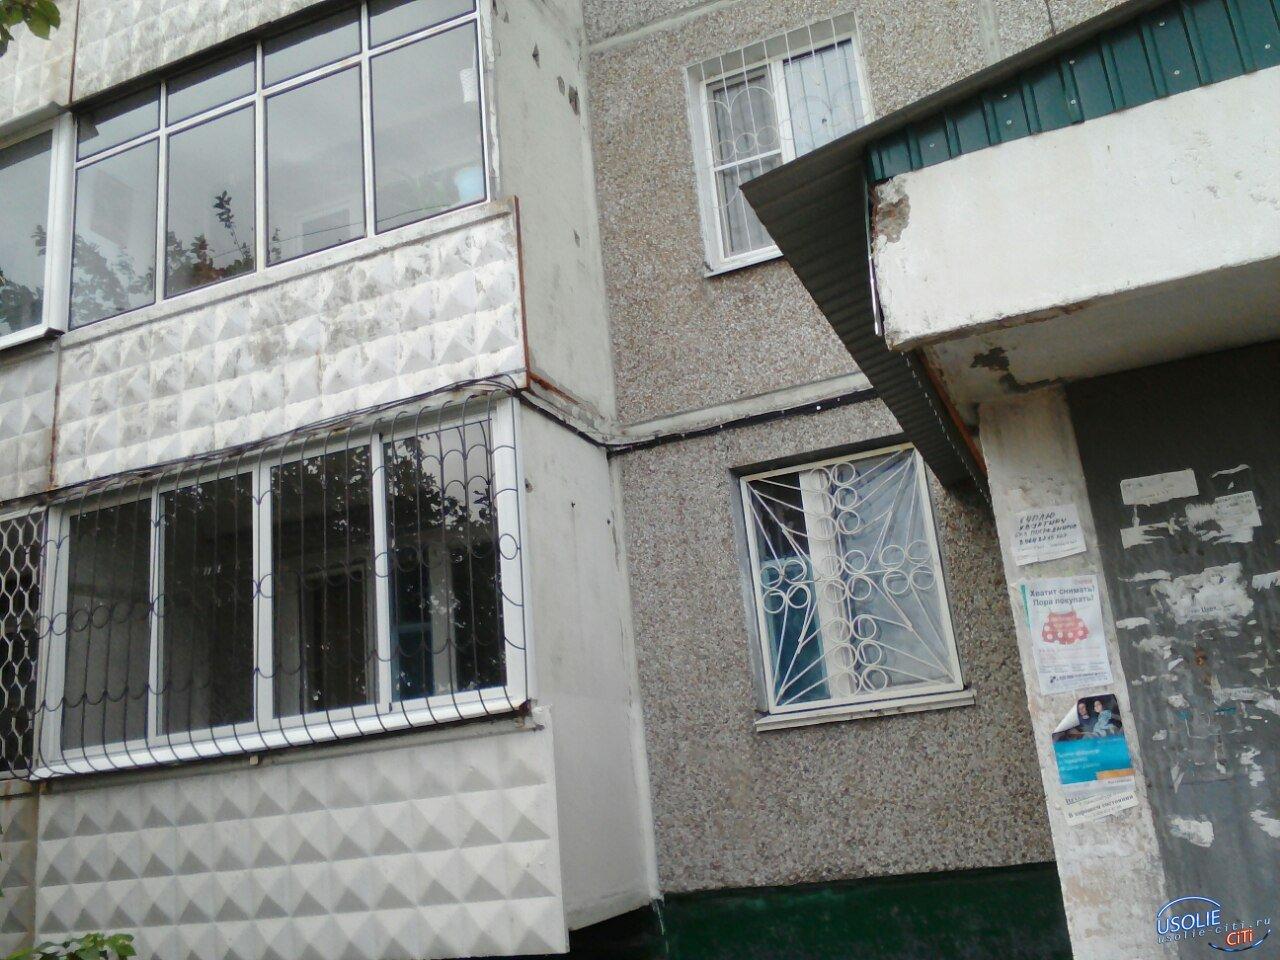 Усольчанин при попытке залезть на свой балкон угодил на асфальт